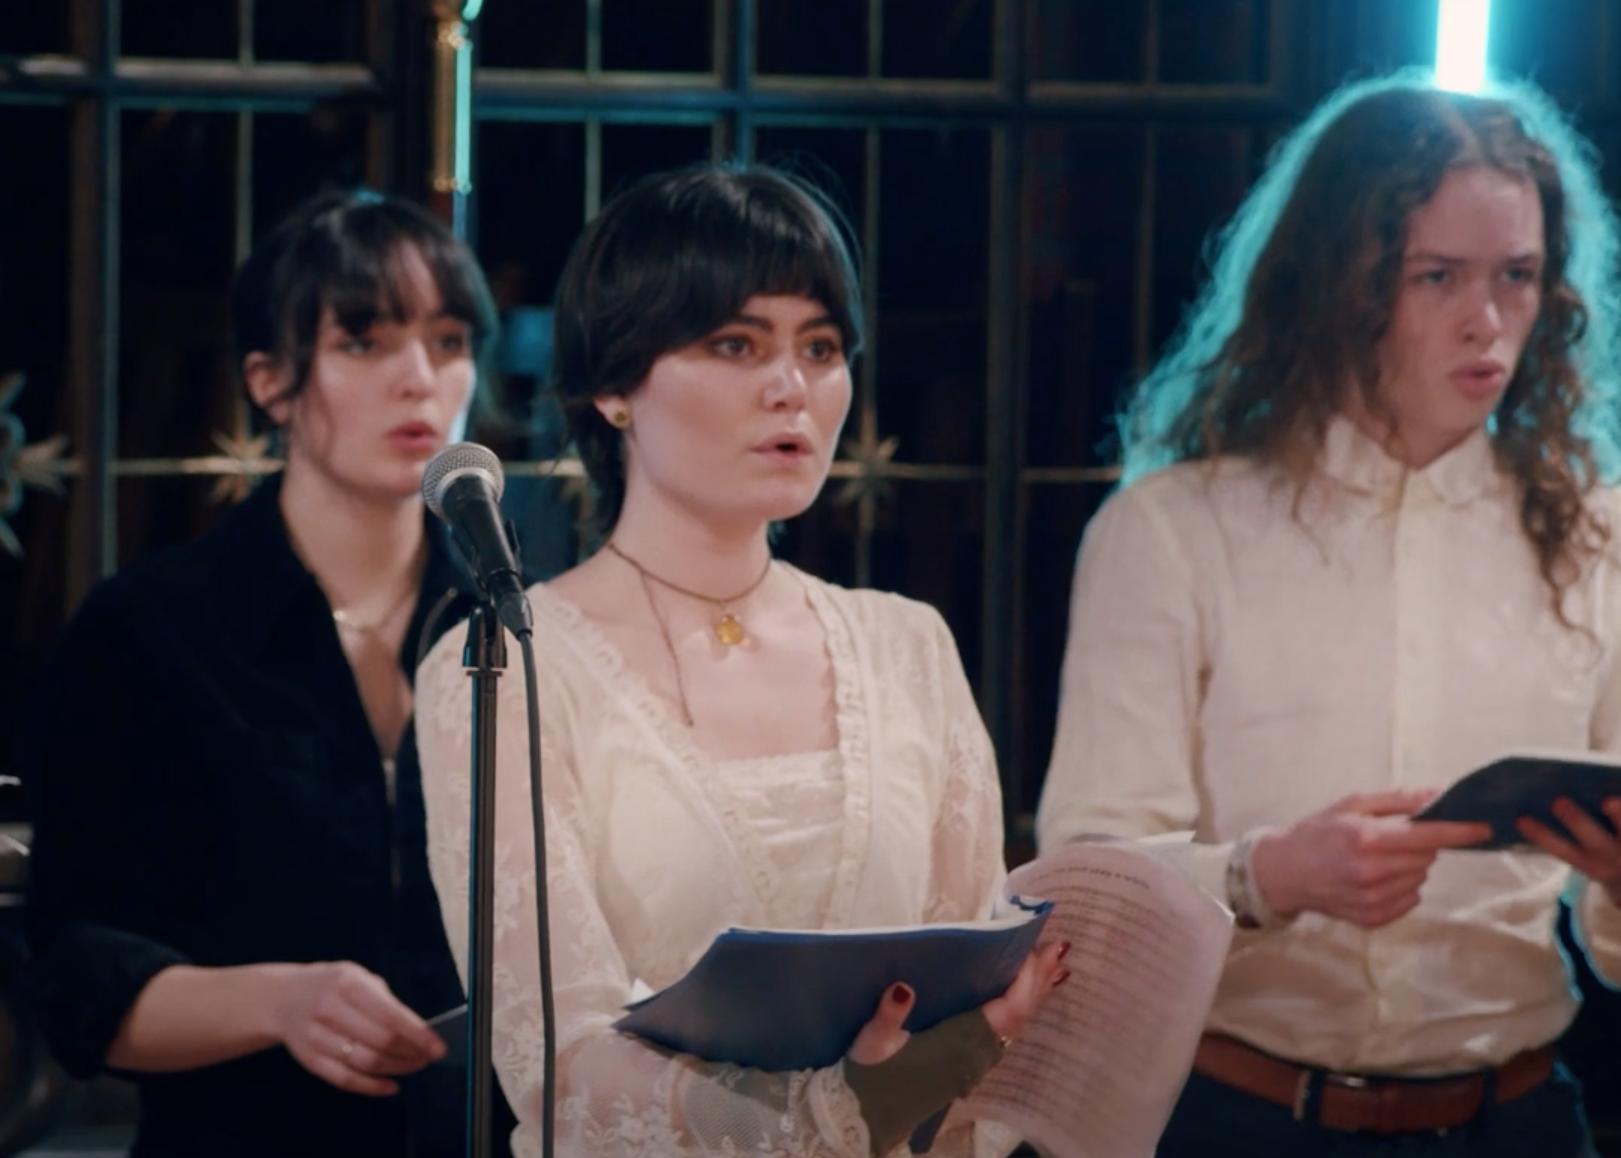 Korkonsert i Uranienborg kirke med Vg3 musikk